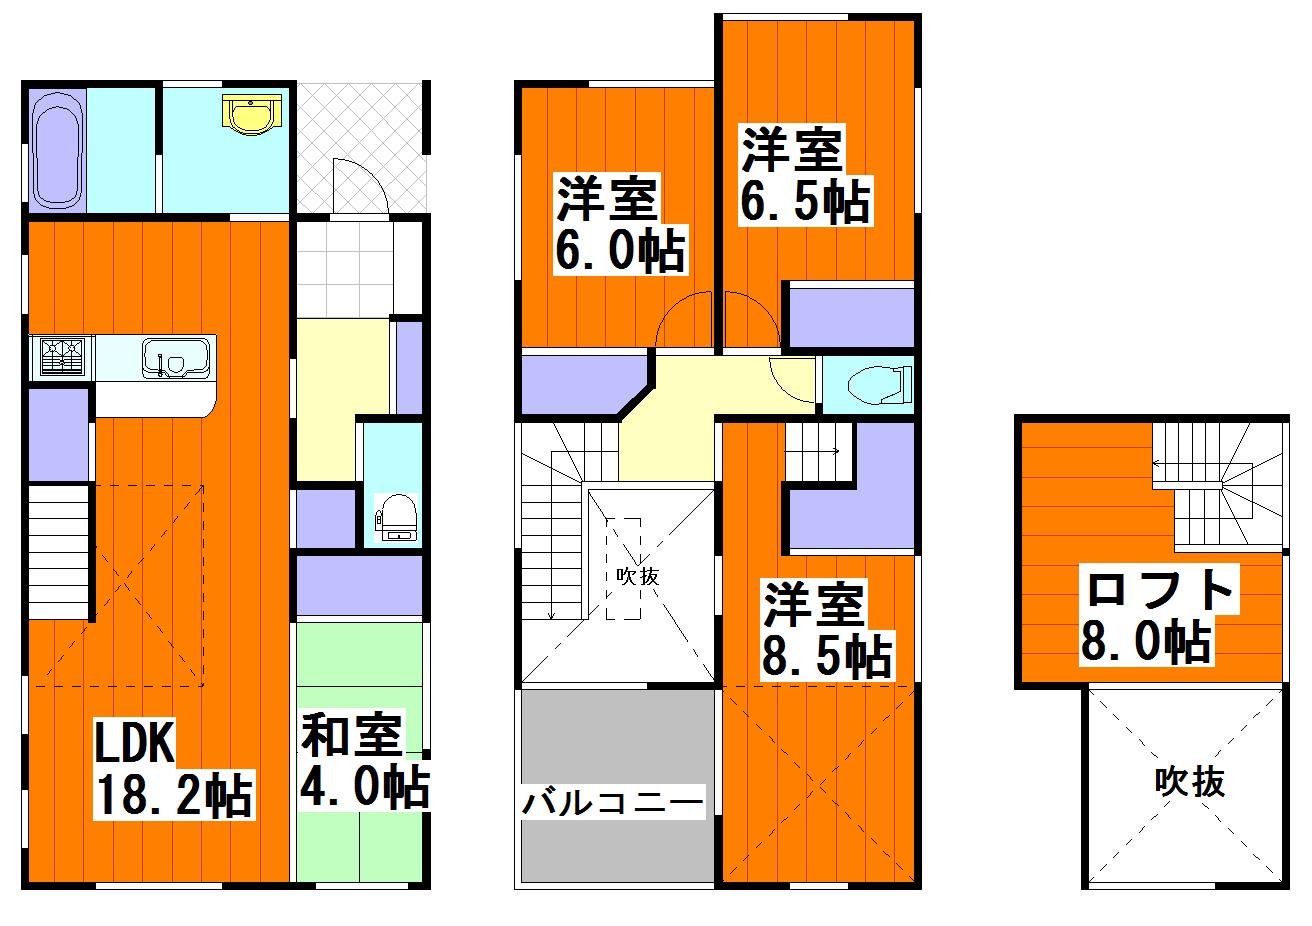 ルルーディア牛田新町1丁目のご紹介!